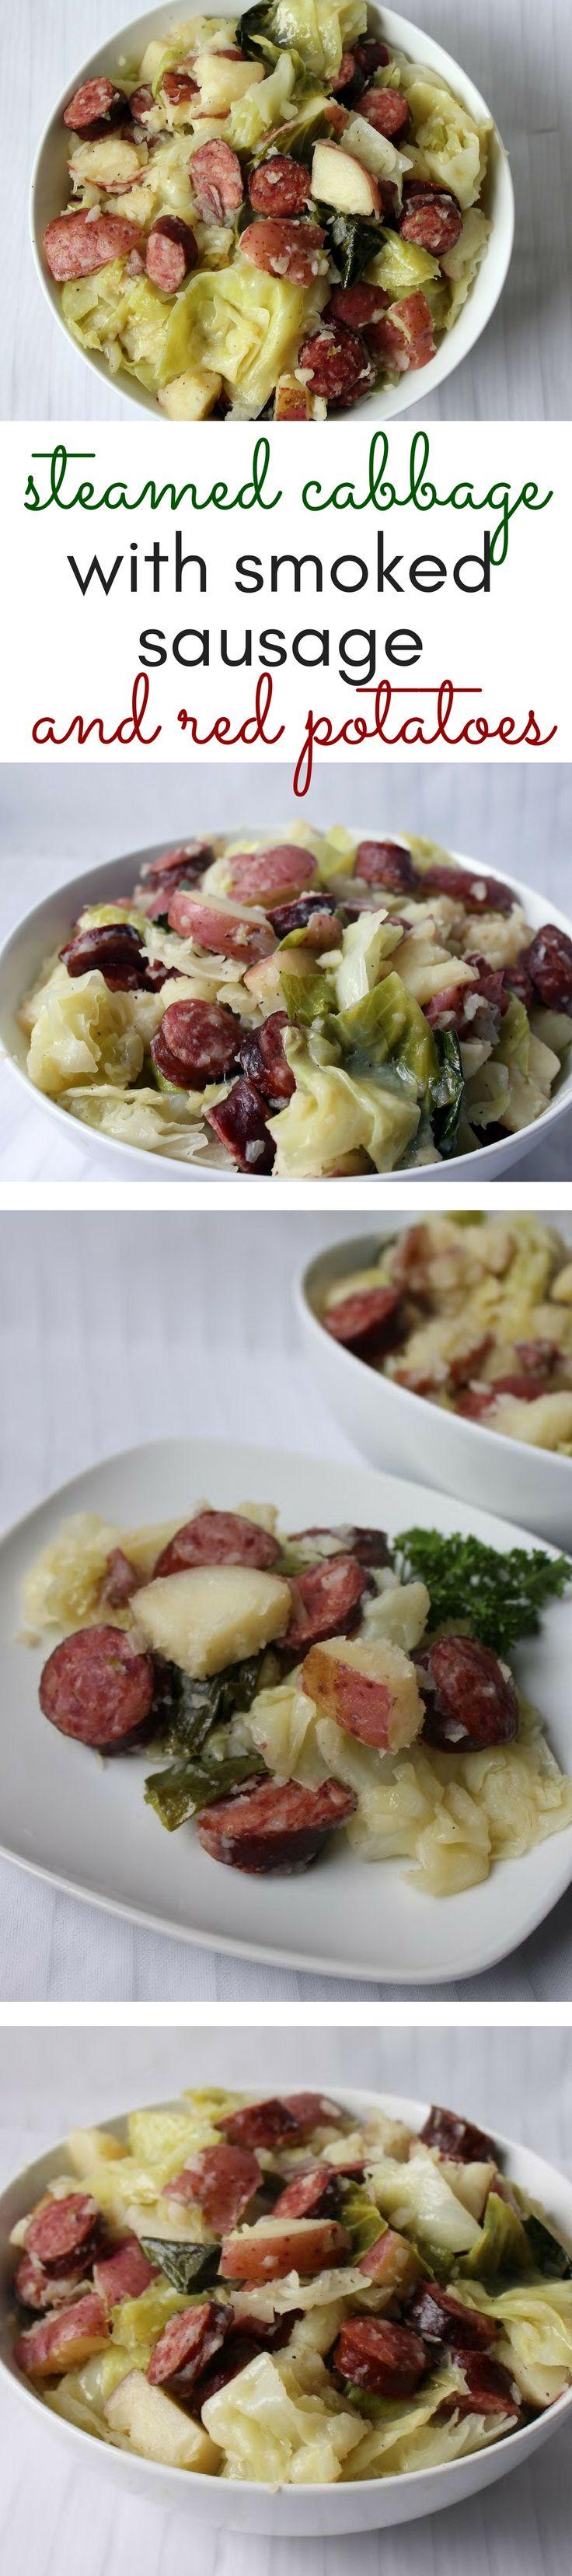 Kielbasa and Cabbage Recipe - Allrecipes.com